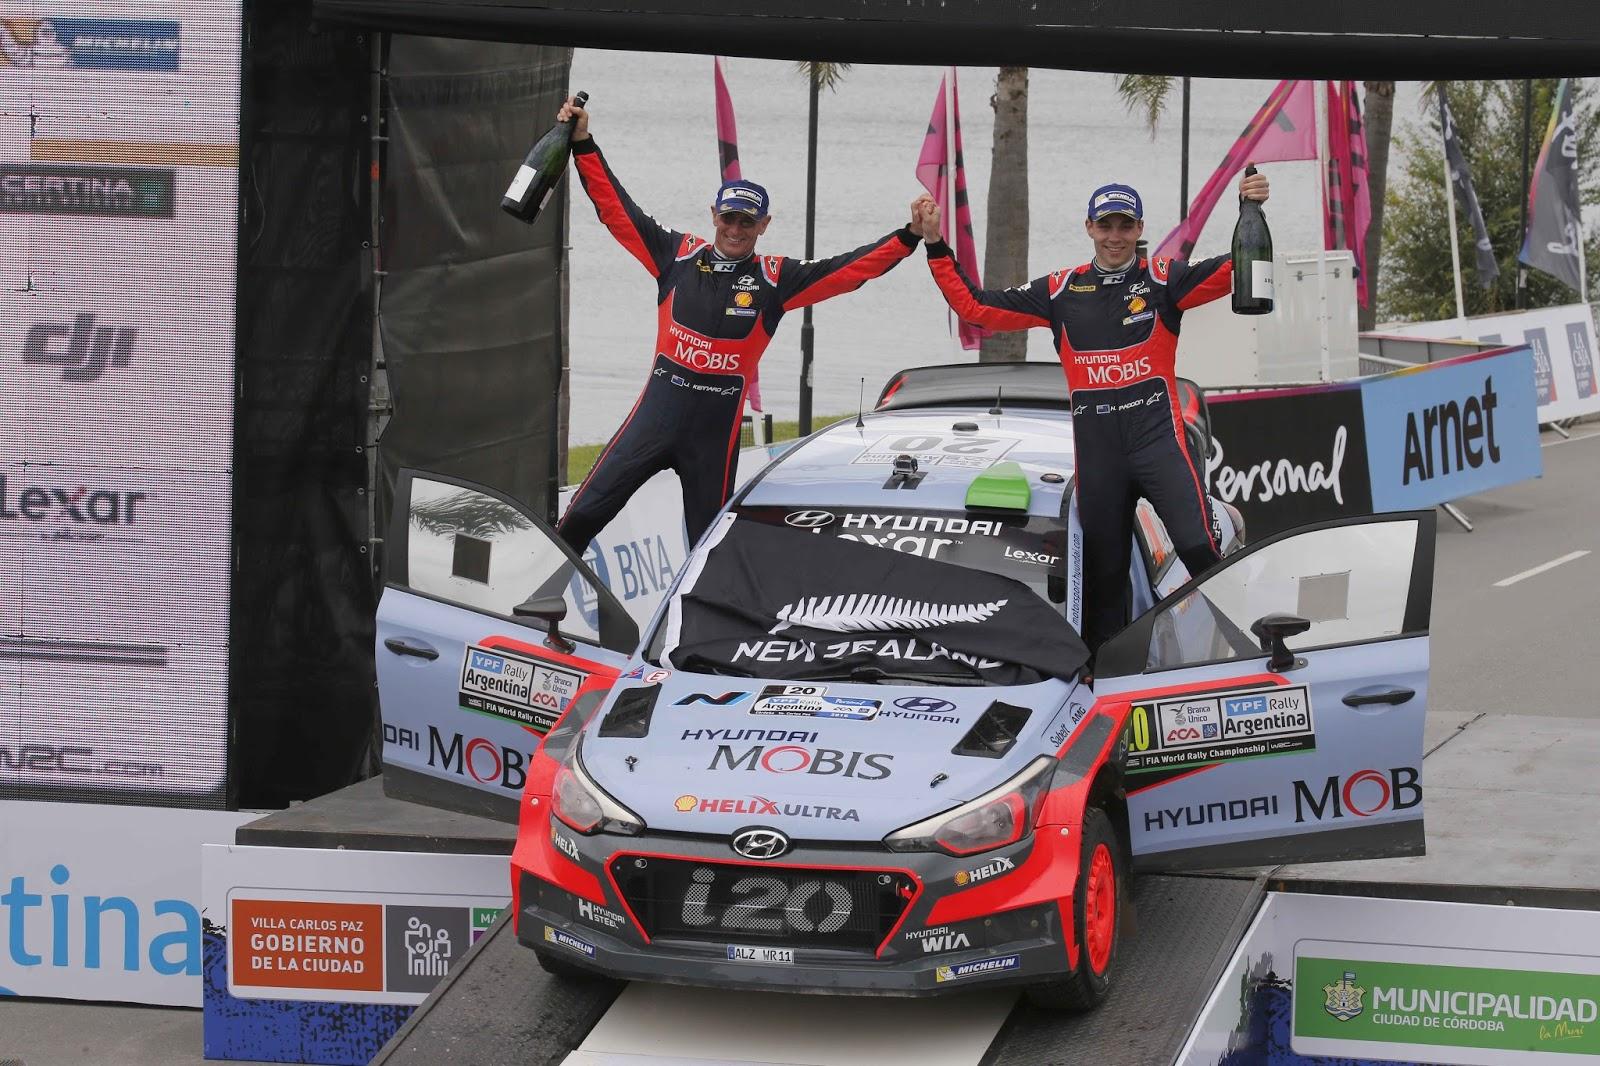 160425 WRC2BArgentina2BWinning Η Hyundai Motorsport τερματίζει πρώτη στο Ράλι Αργεντινής με το Νέας Γενιάς i20 WRC Hyundai, Hyundai i20 WRC, Motorsport, Rally, videos, WRC